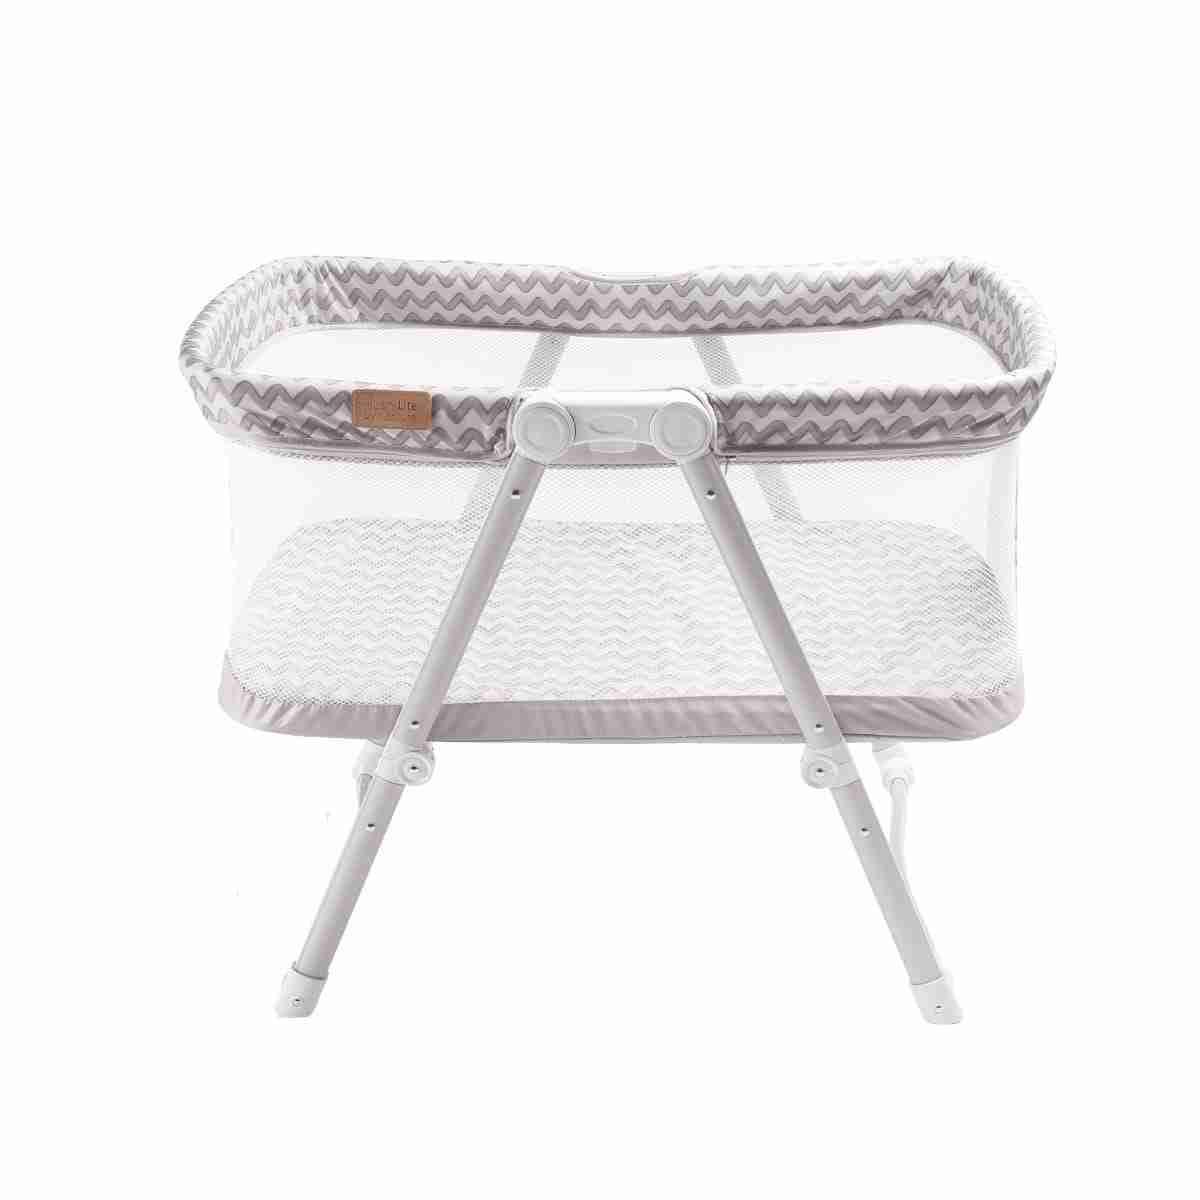 Stylish grey travel crib